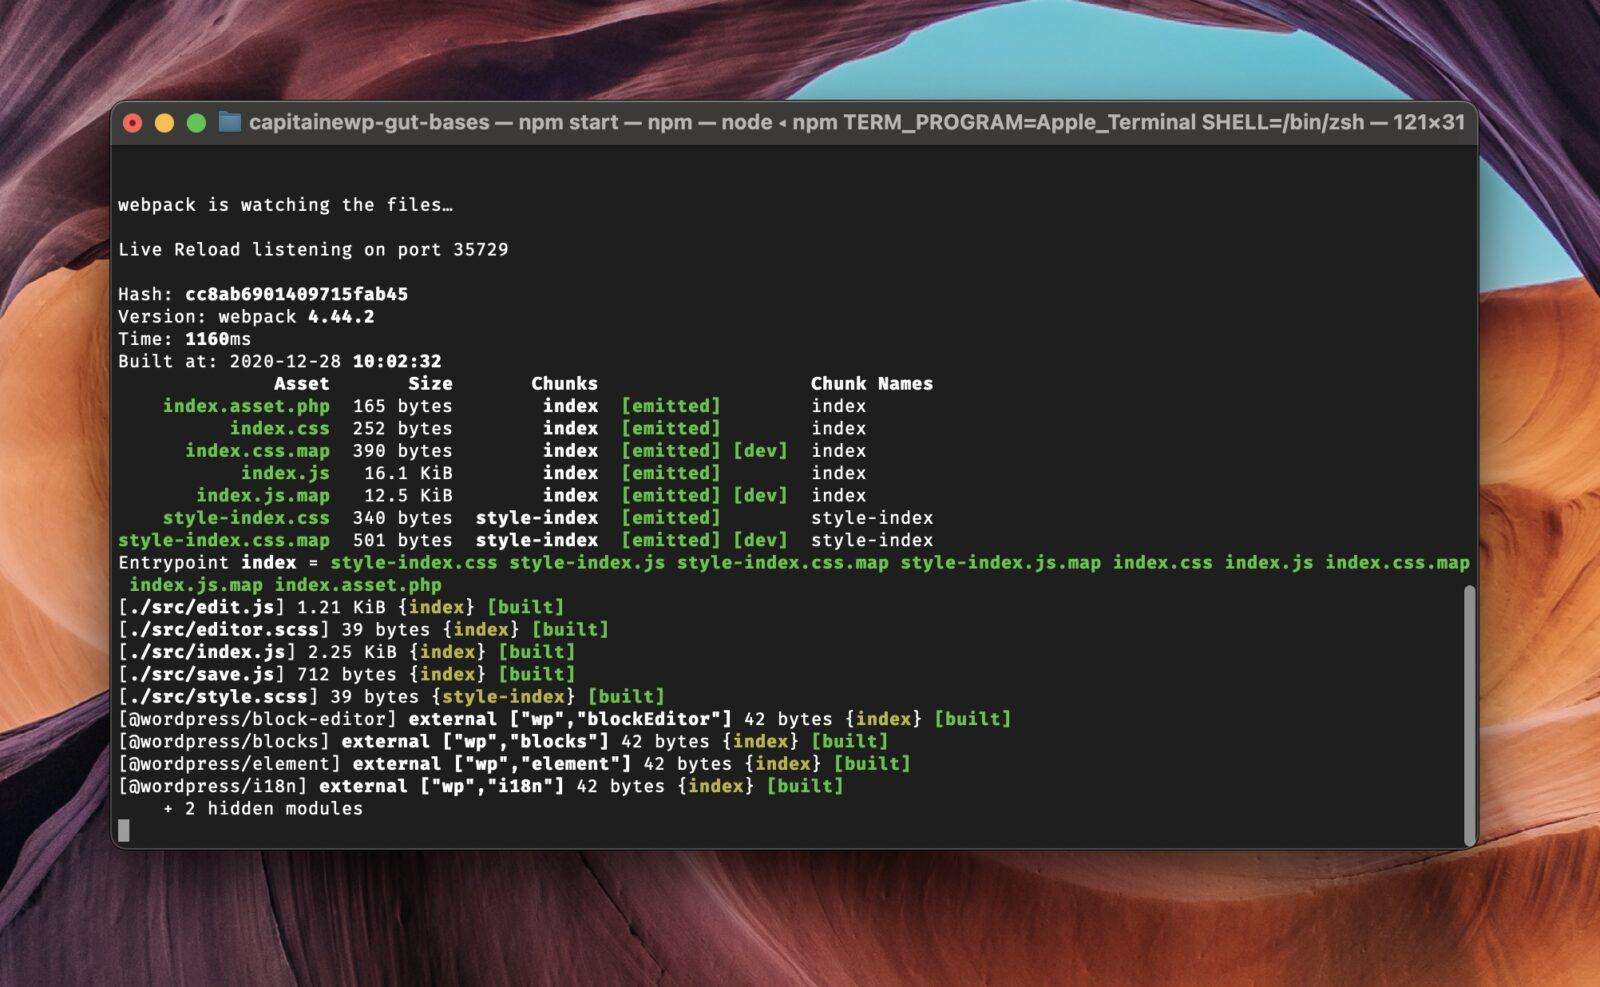 Le terminal affiche différentes informations, comme le fait que Webpack est bien lancé et prêt à compiler les fichiers